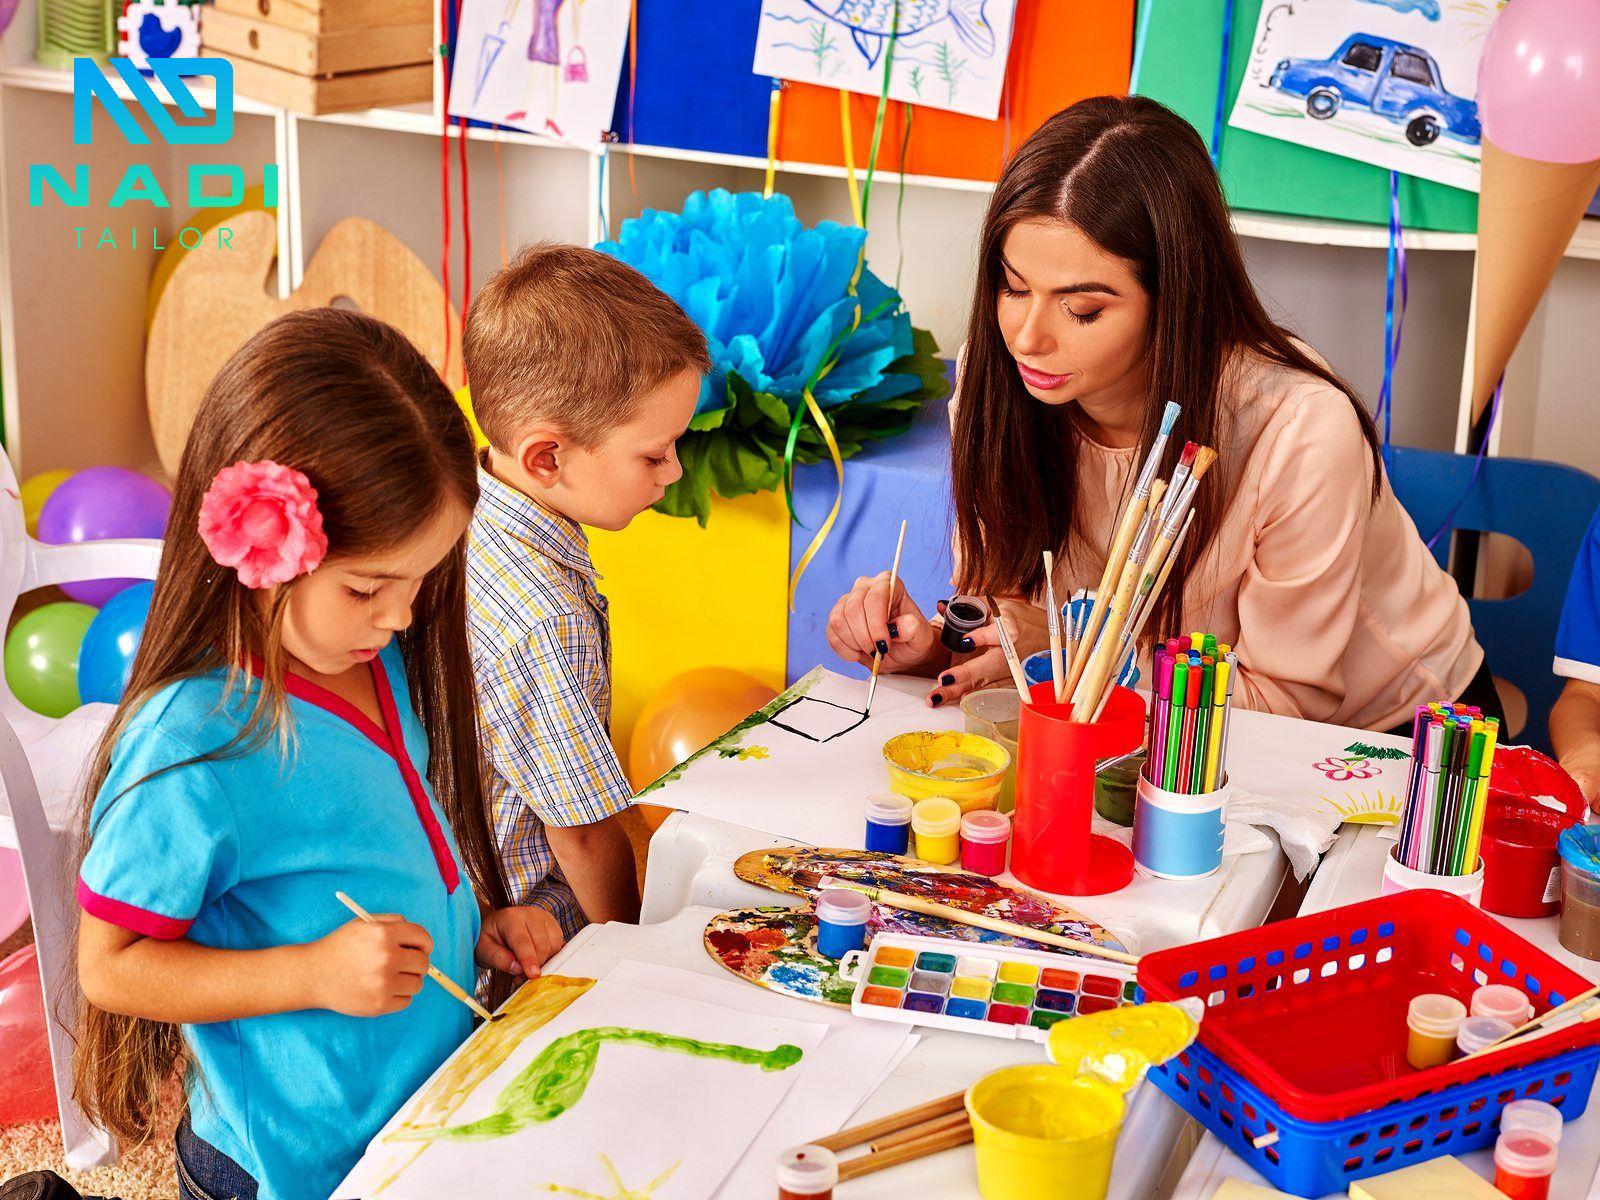 Các em học sinh mới cấp sách đến trường thường ở độ tuổi còn khá nhỏ. Nên rất yêu thích việc vẽ, chơi với đất sét hoặc màu nước. Do đó, chọn màu sắc đậm màu là thiết thực nhất